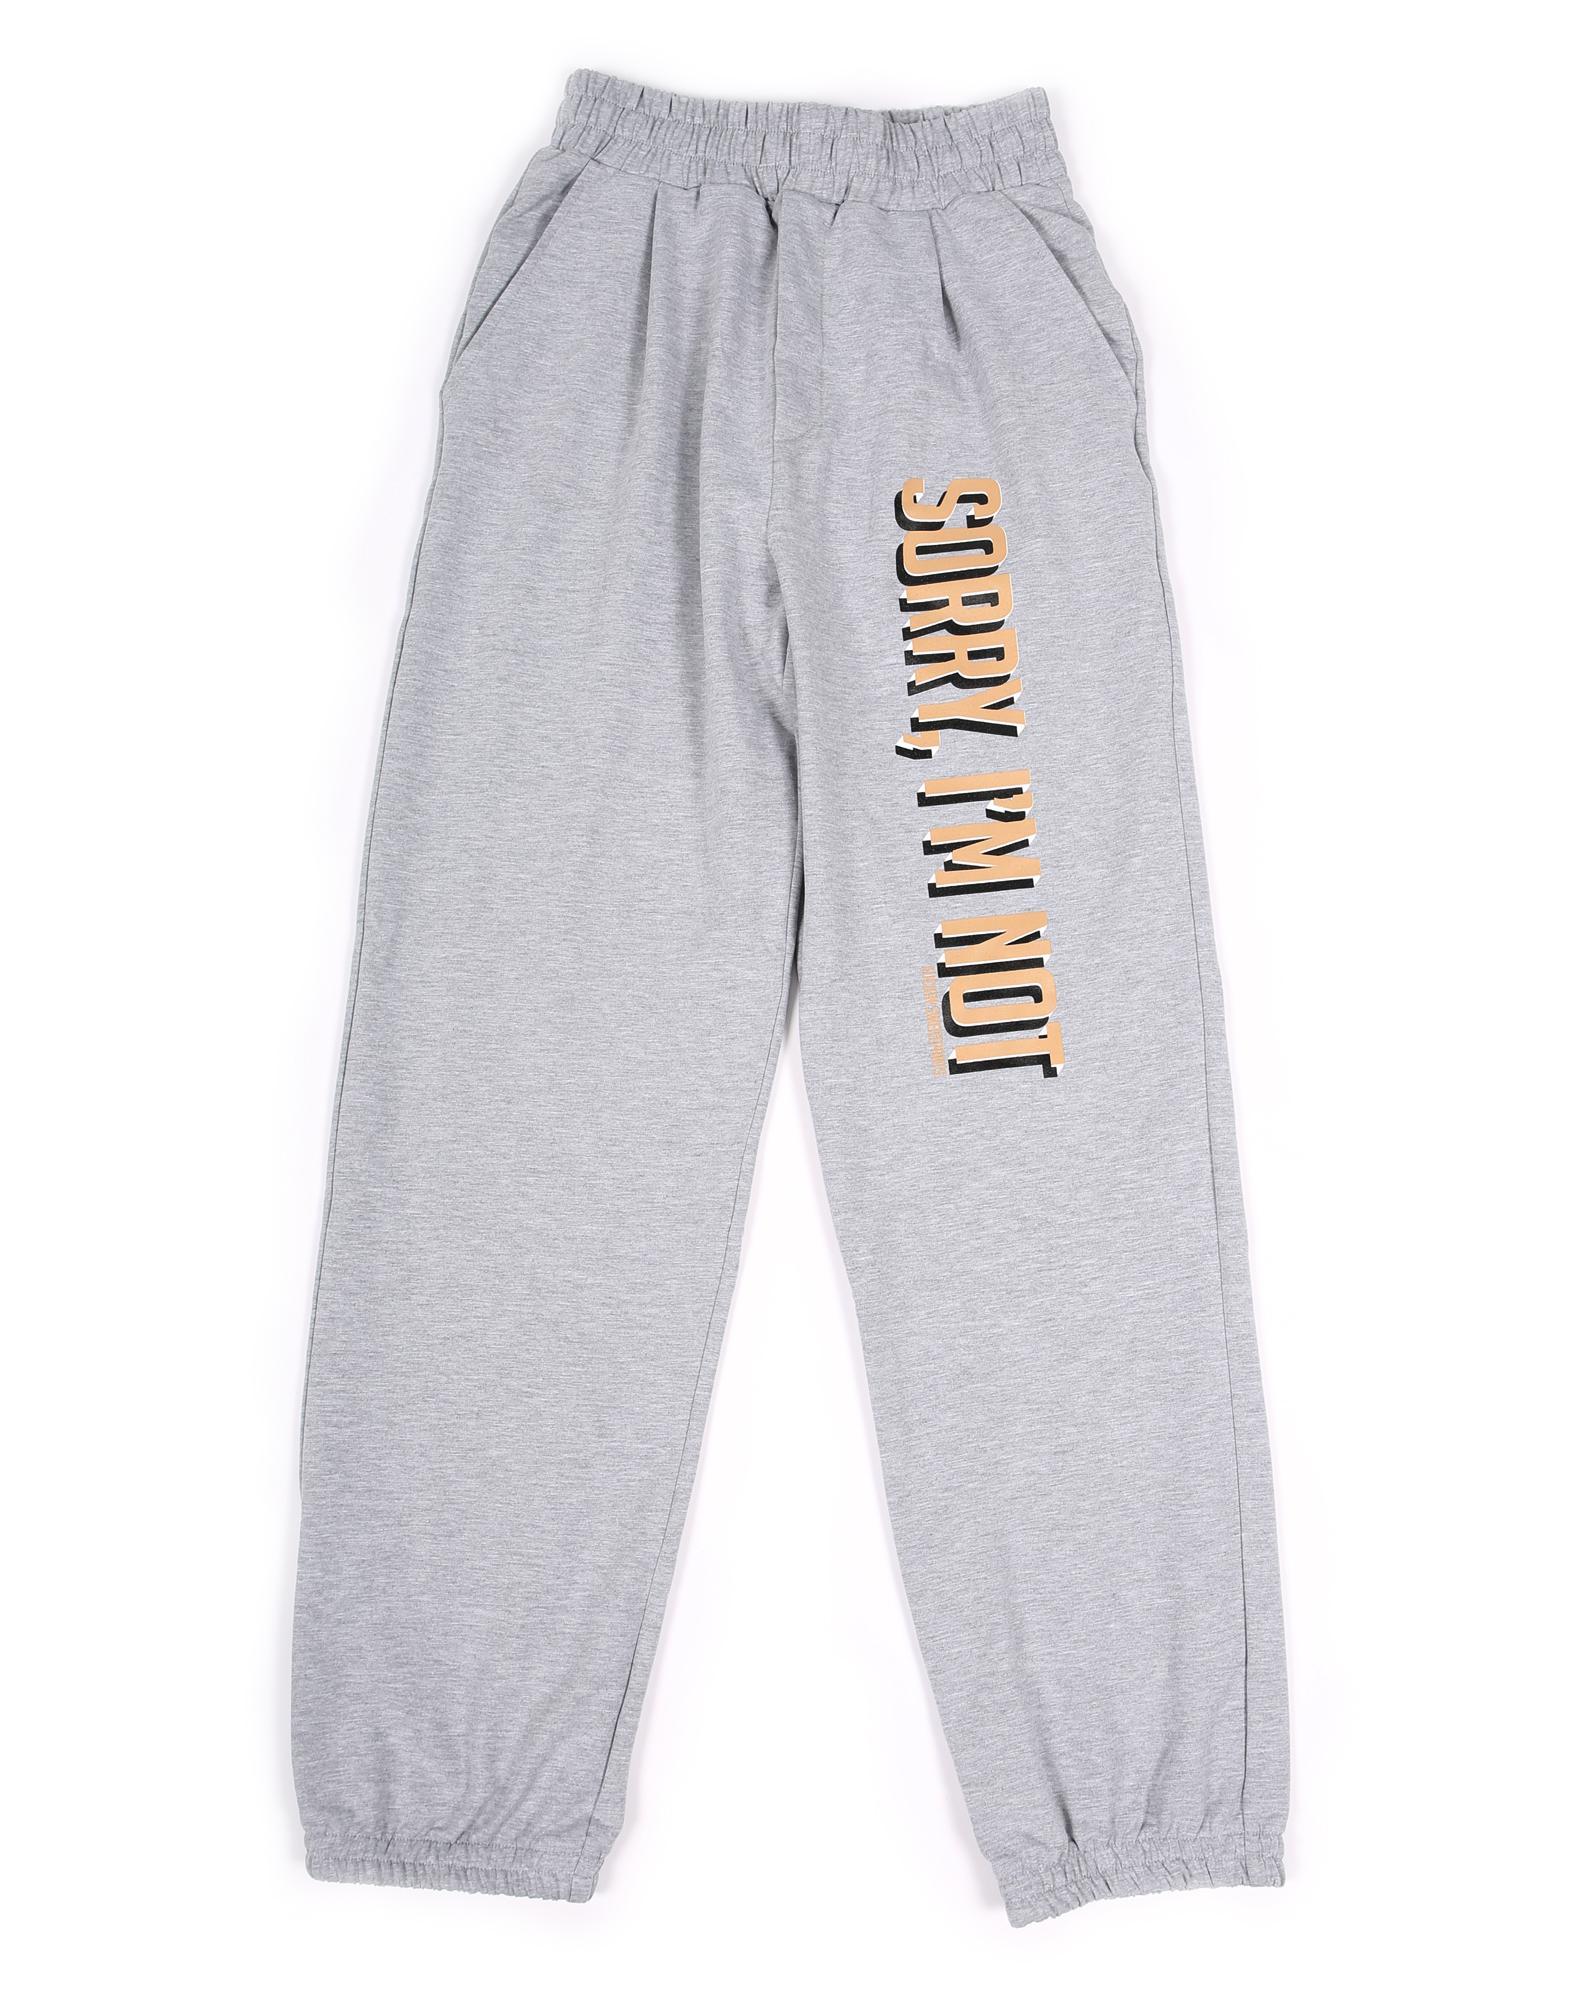 pants10